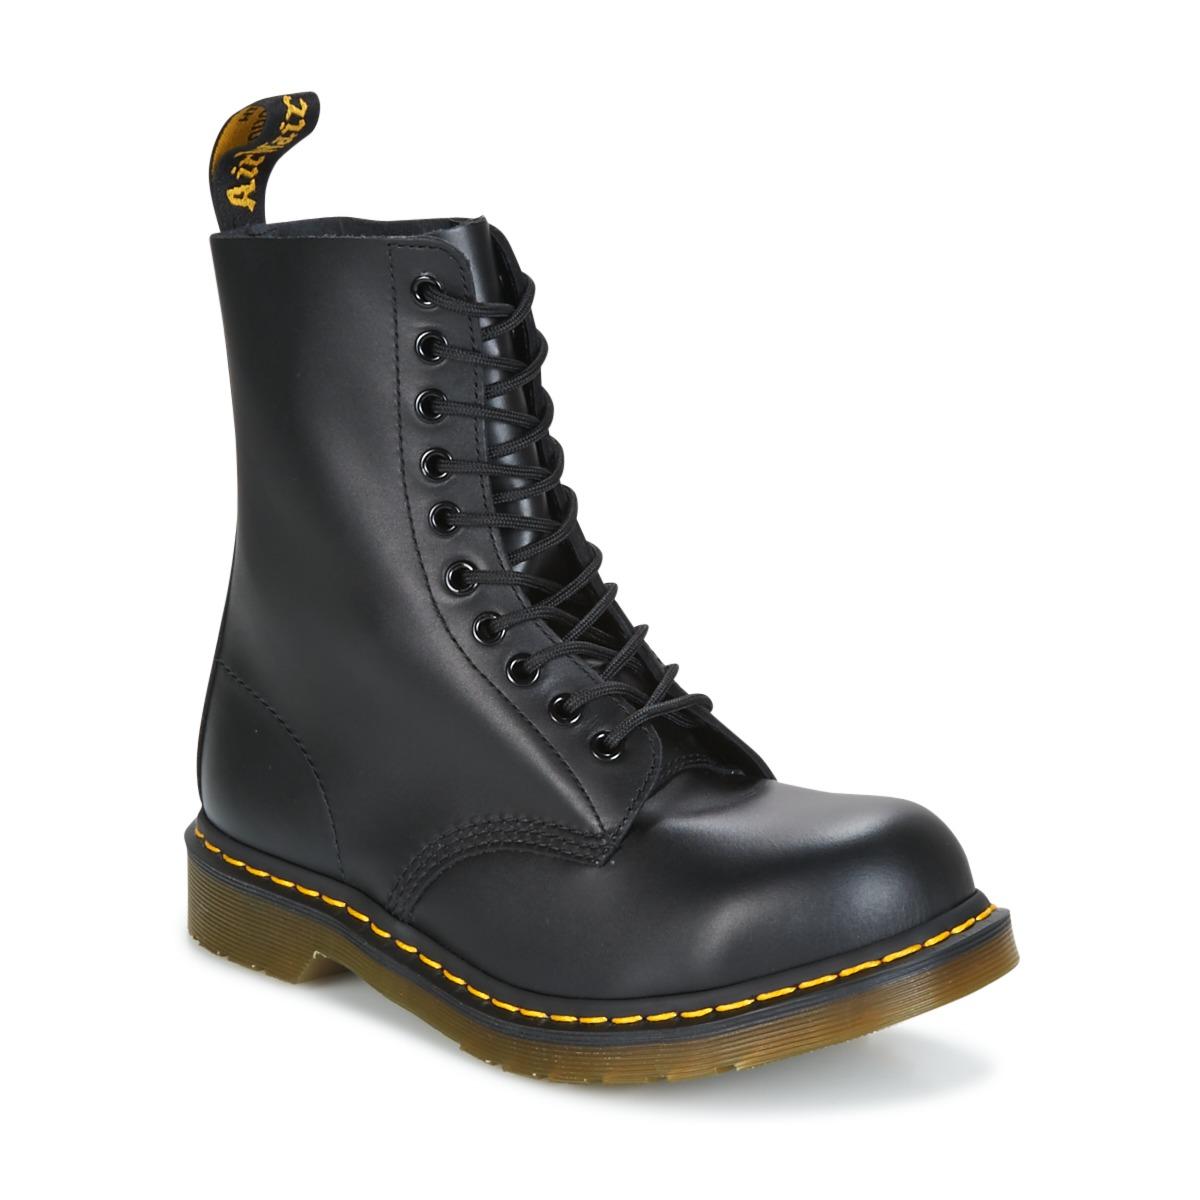 Dr Chaussures Accessoires Martens Homme Livraison PwPrYfqg